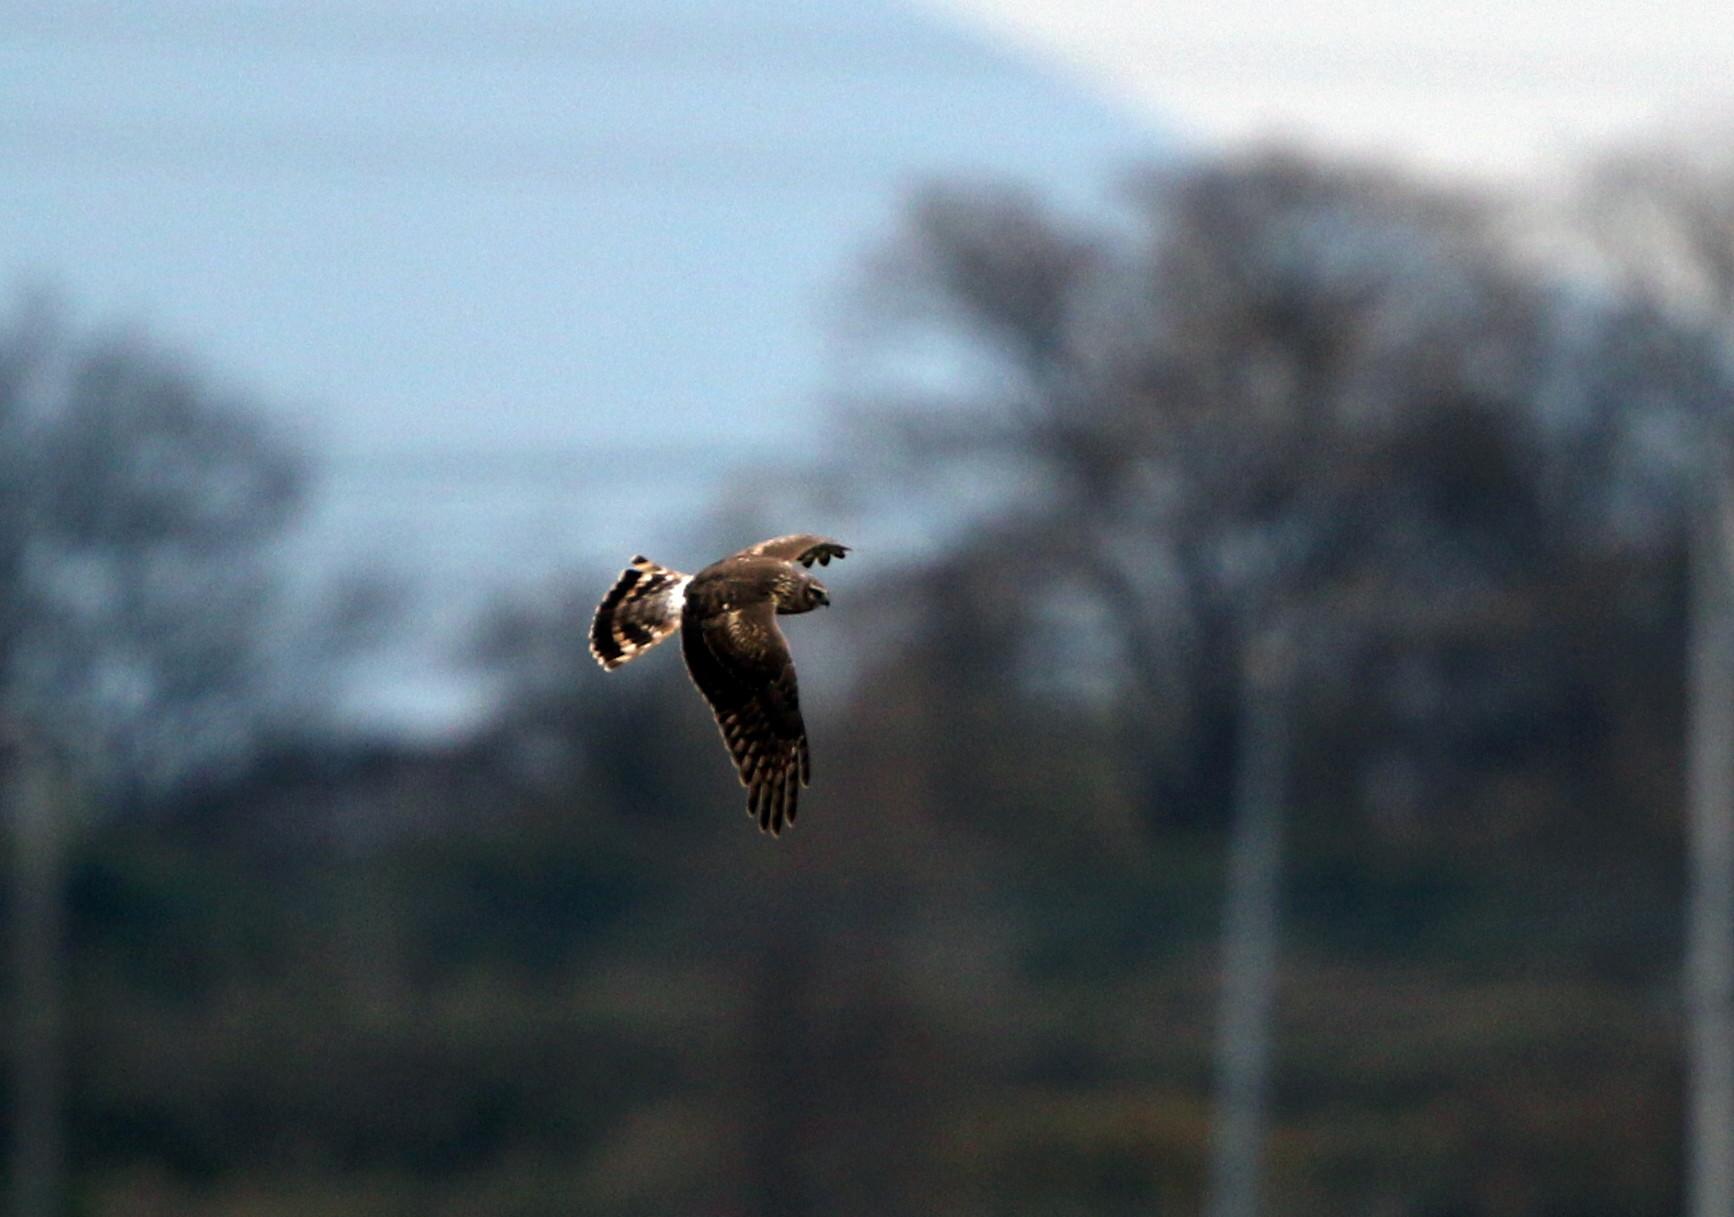 ハイイロチュウヒ雌の飛翔 その8_f0239515_18275781.jpg